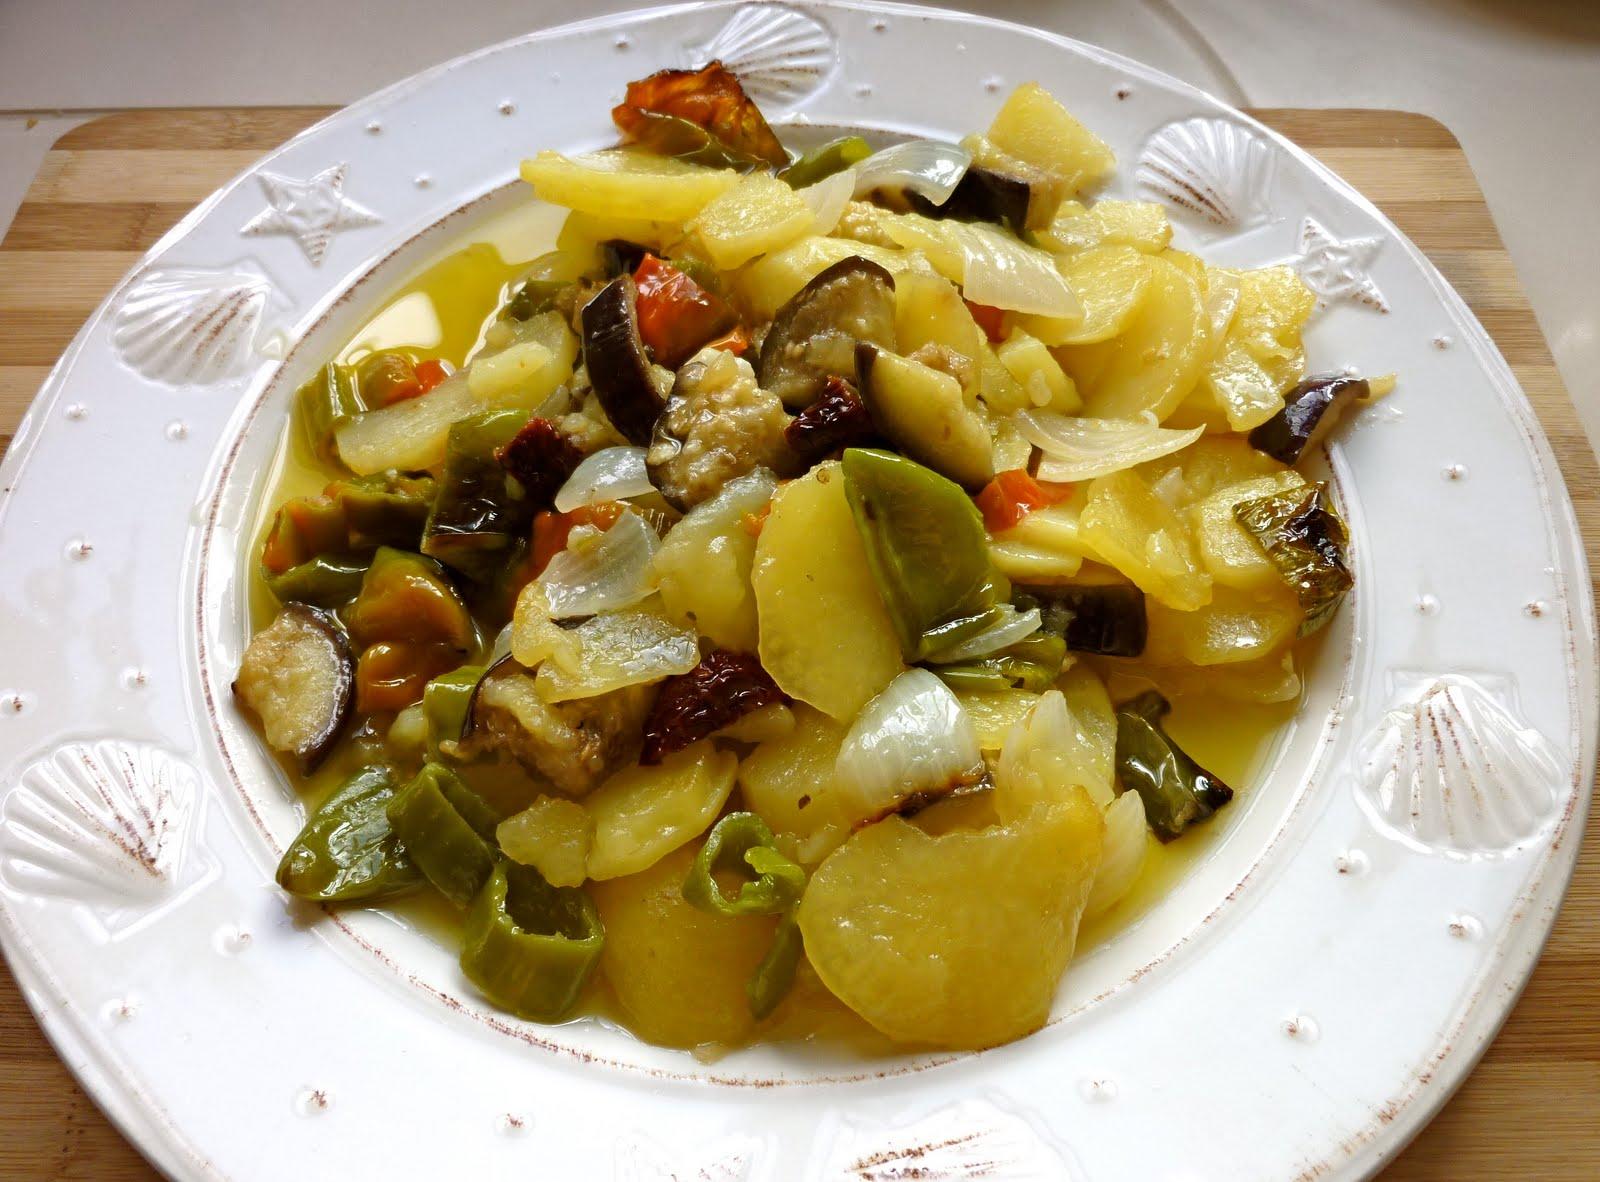 Alsol cocinando patatas a lo pobre por alsolchef ren bijloo for Cocinar patatas a lo pobre